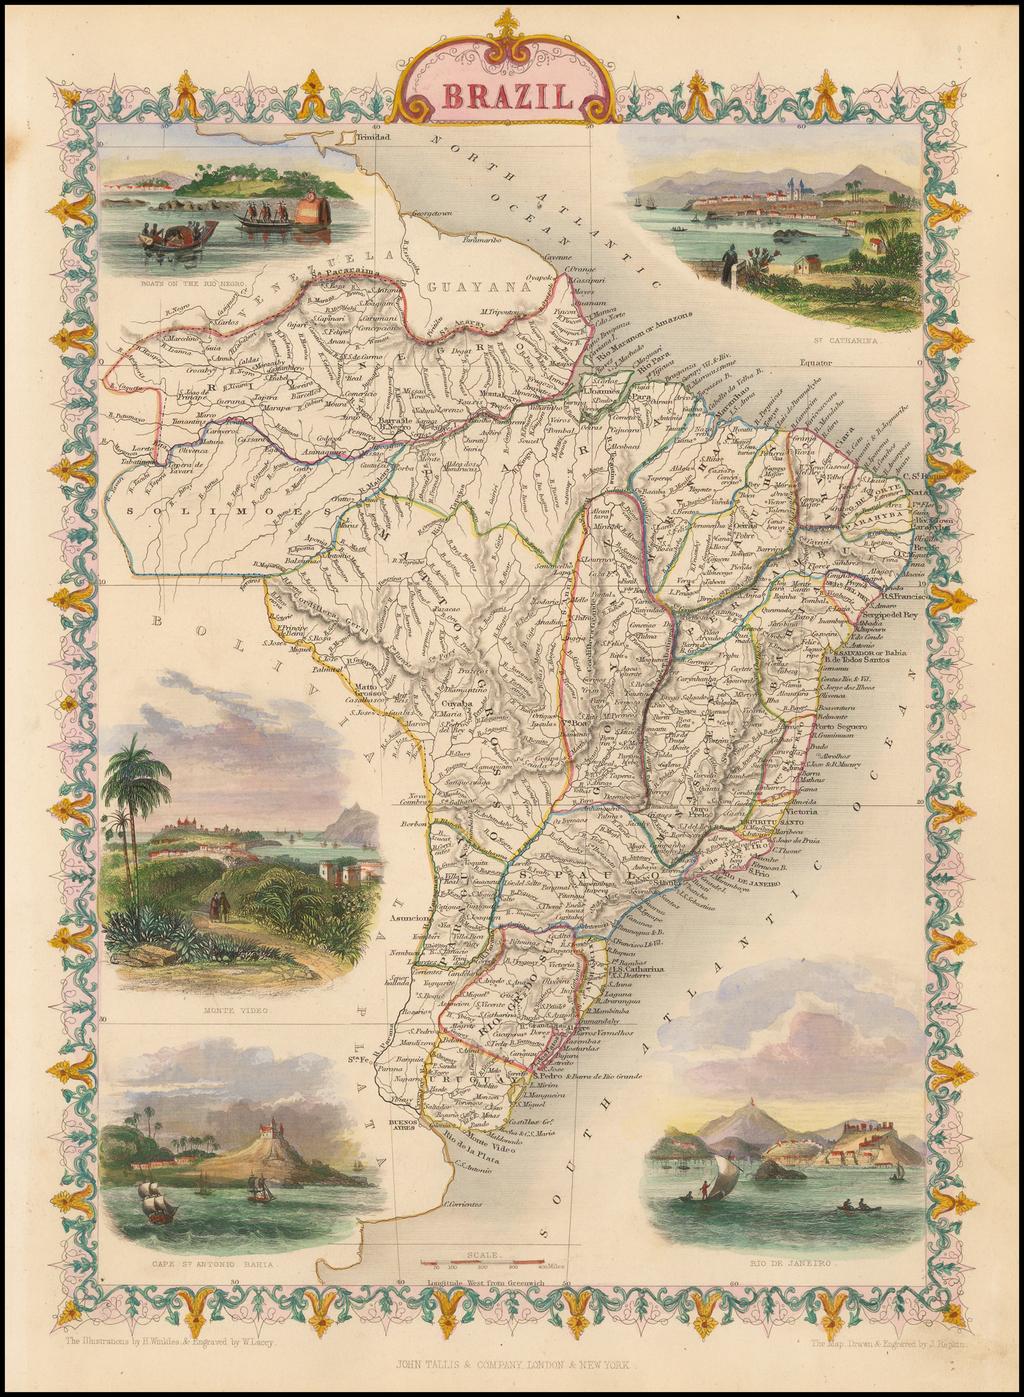 Brazil By John Tallis